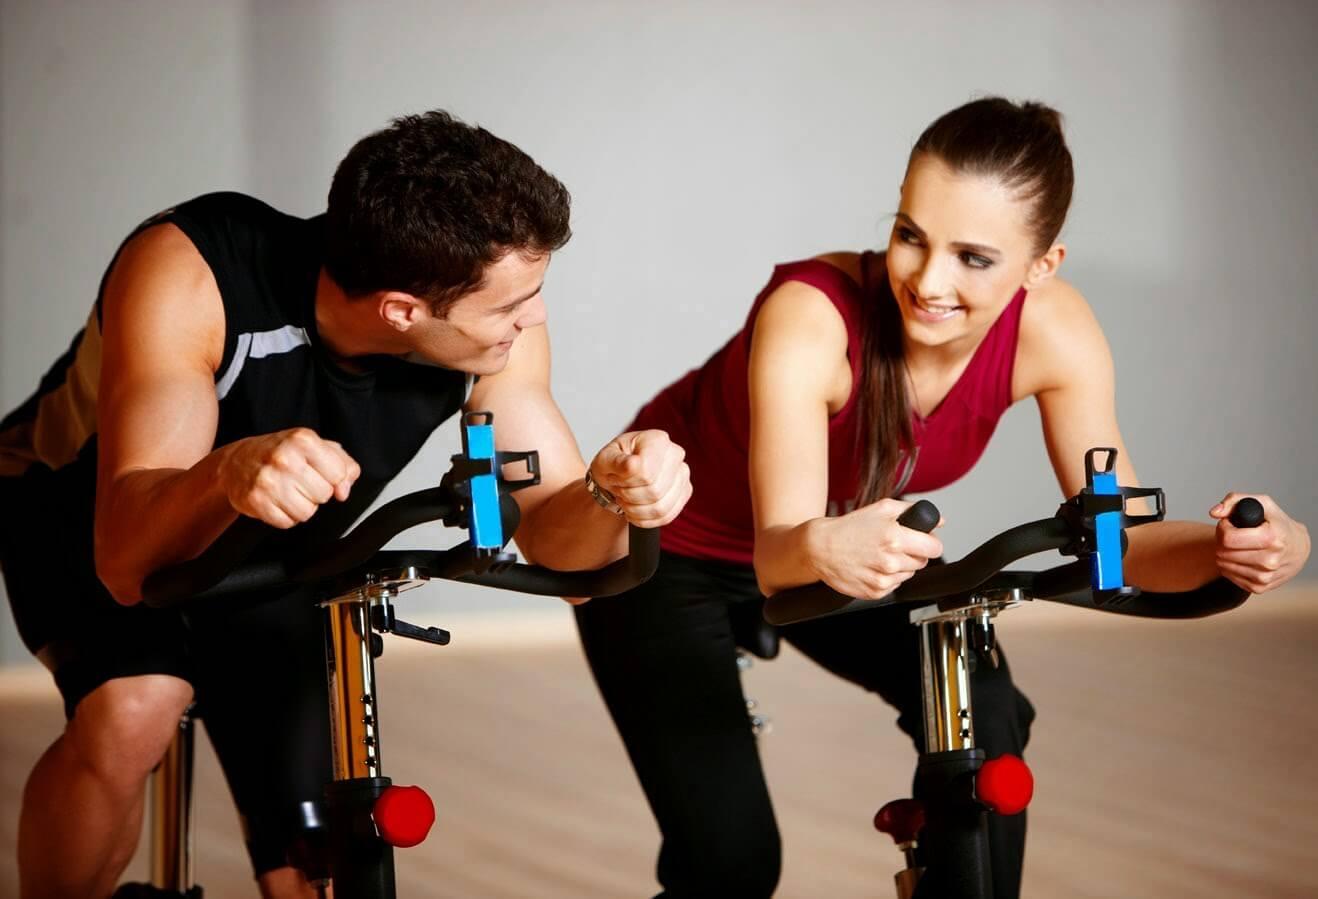 An toàn và hiệu quả với bí quyết tăng cân cho người gầy